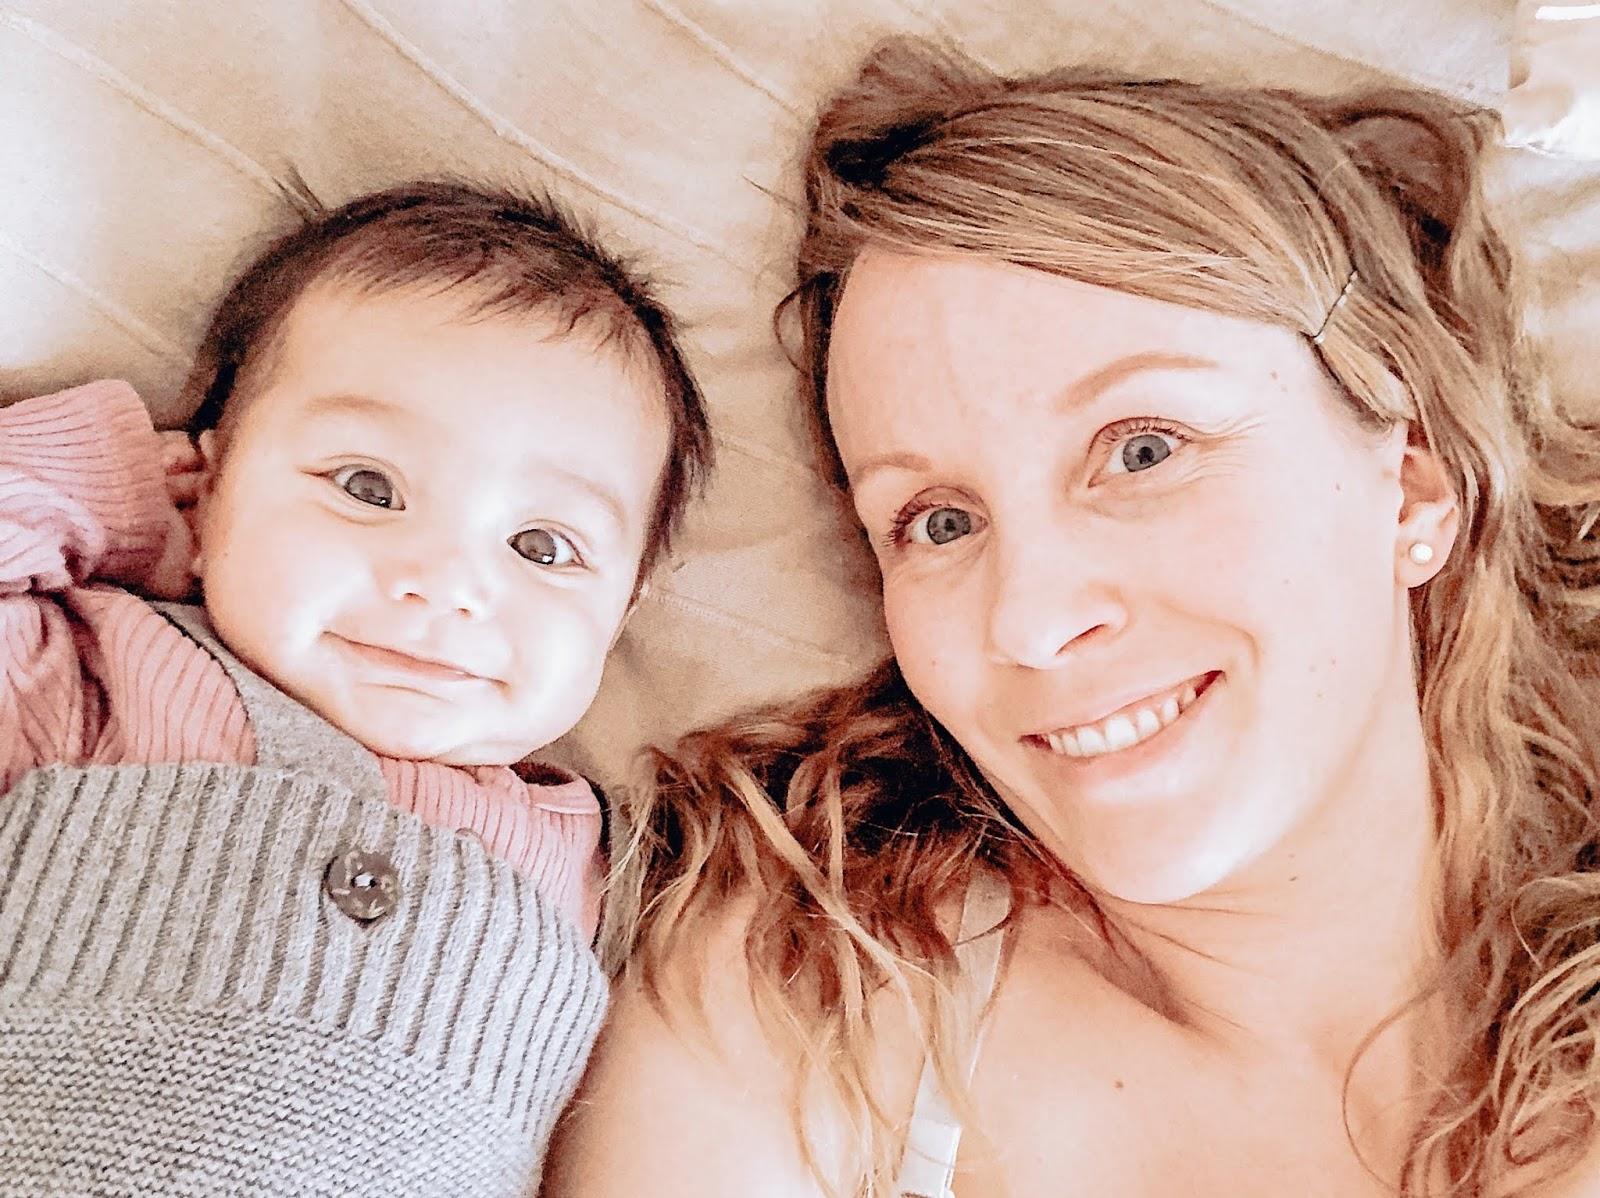 Koliikin vaikutukset lapseen ja perheeseen